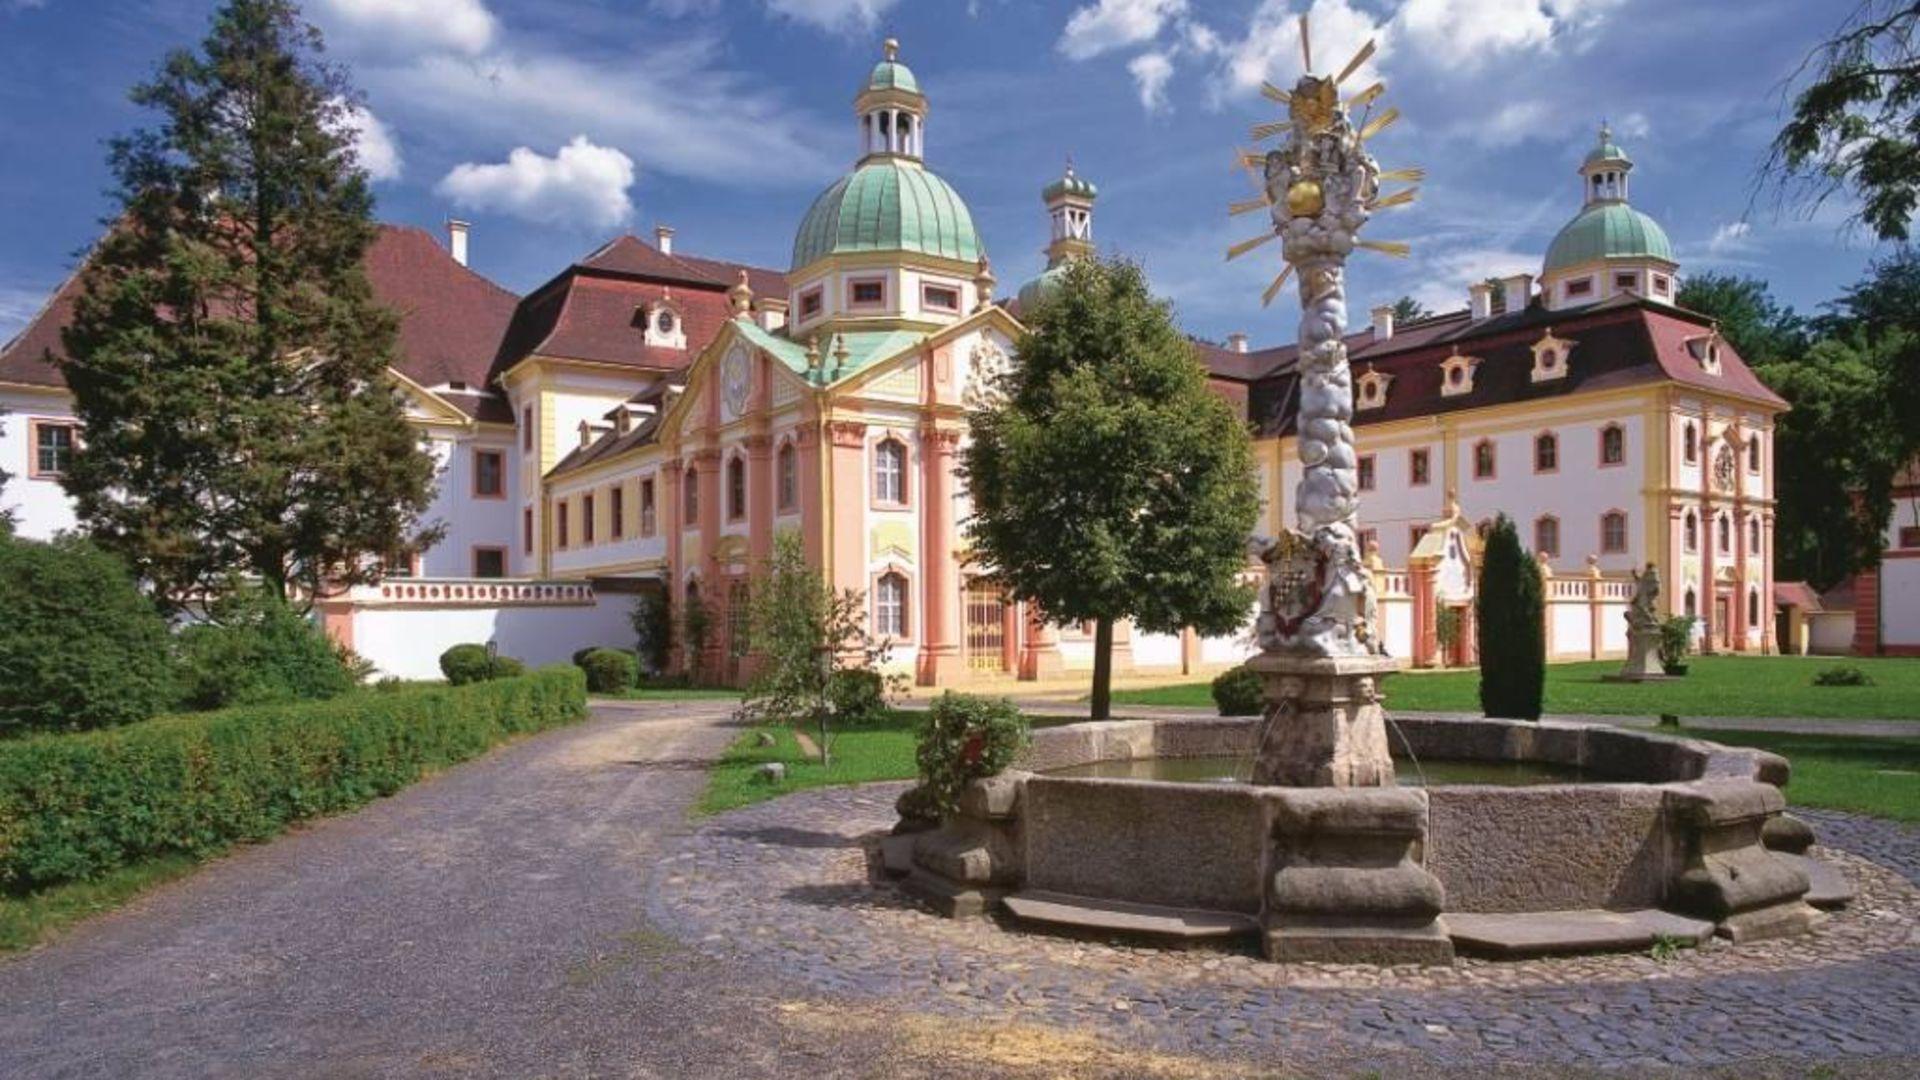 Kloster St. Marienthal in Ostritz